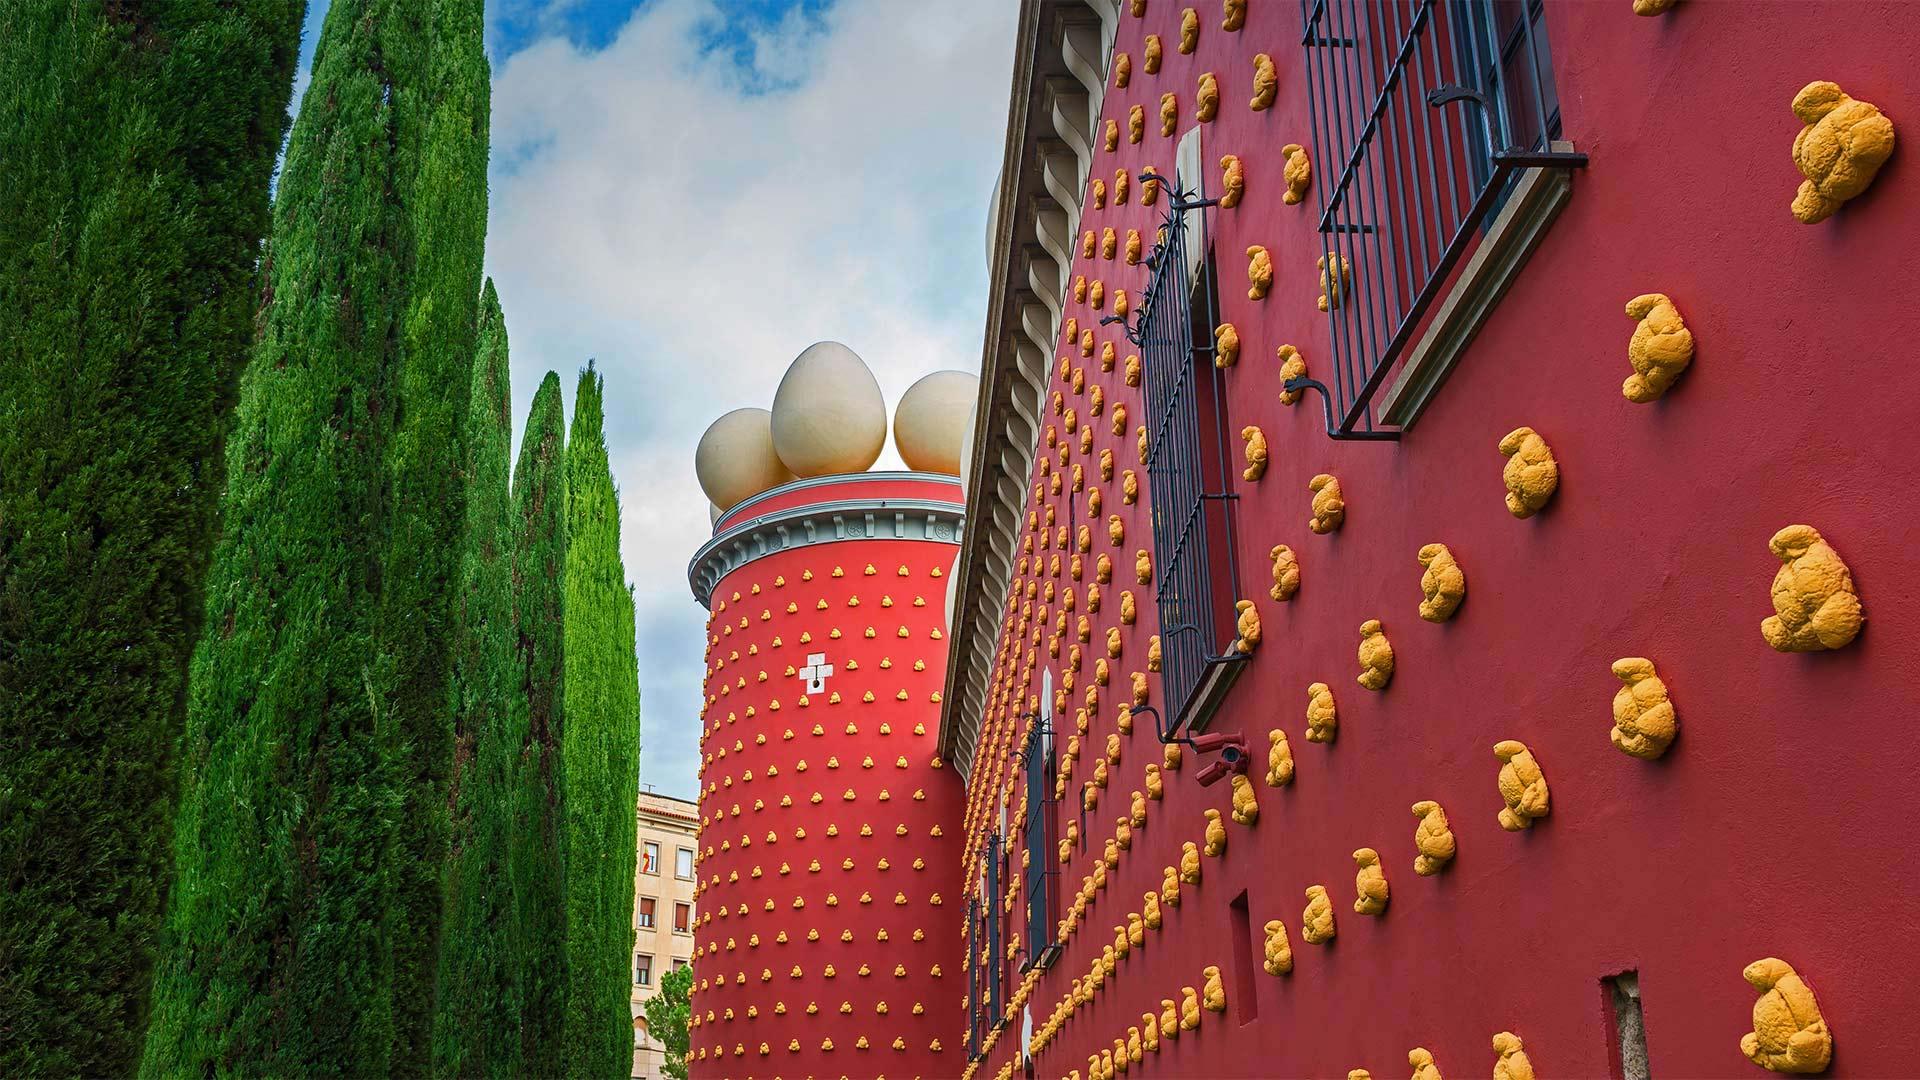 「ダリ劇場美術館」スペイン, フィゲラス (© MISCELLANEOUSTOCK/Alamy Stock Photo)